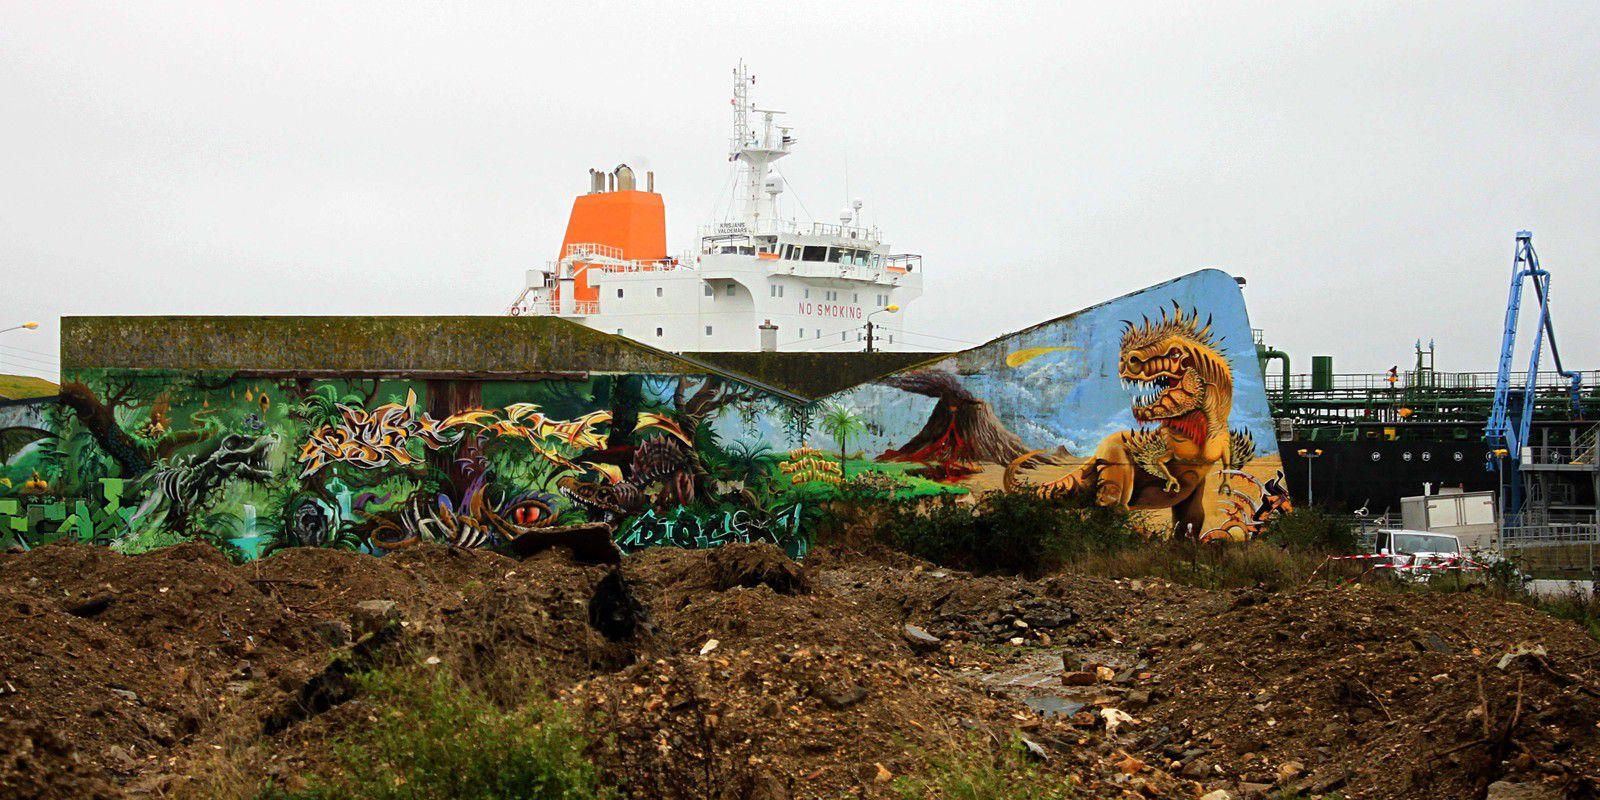 Lorient, port de commerce - Mardi 22 décembre 2020